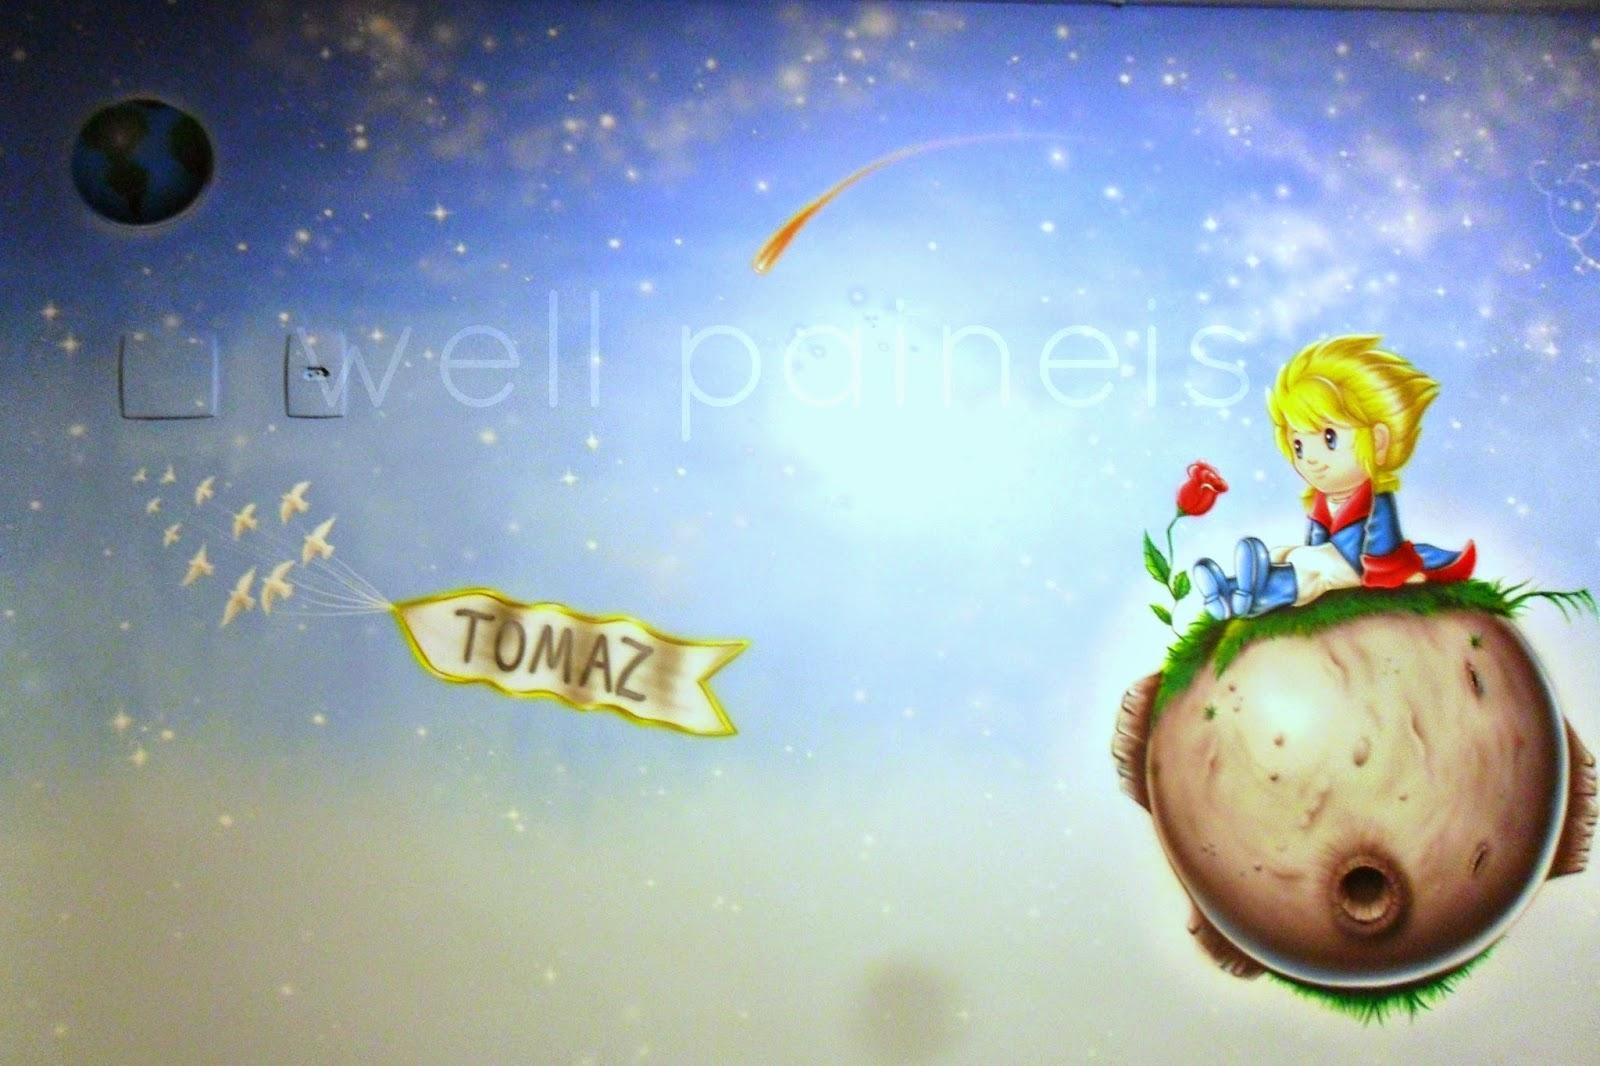 Quarto Infantil O Pequeno Principe ~   a?rografia o pequeno principe aerografia em quarto infantil